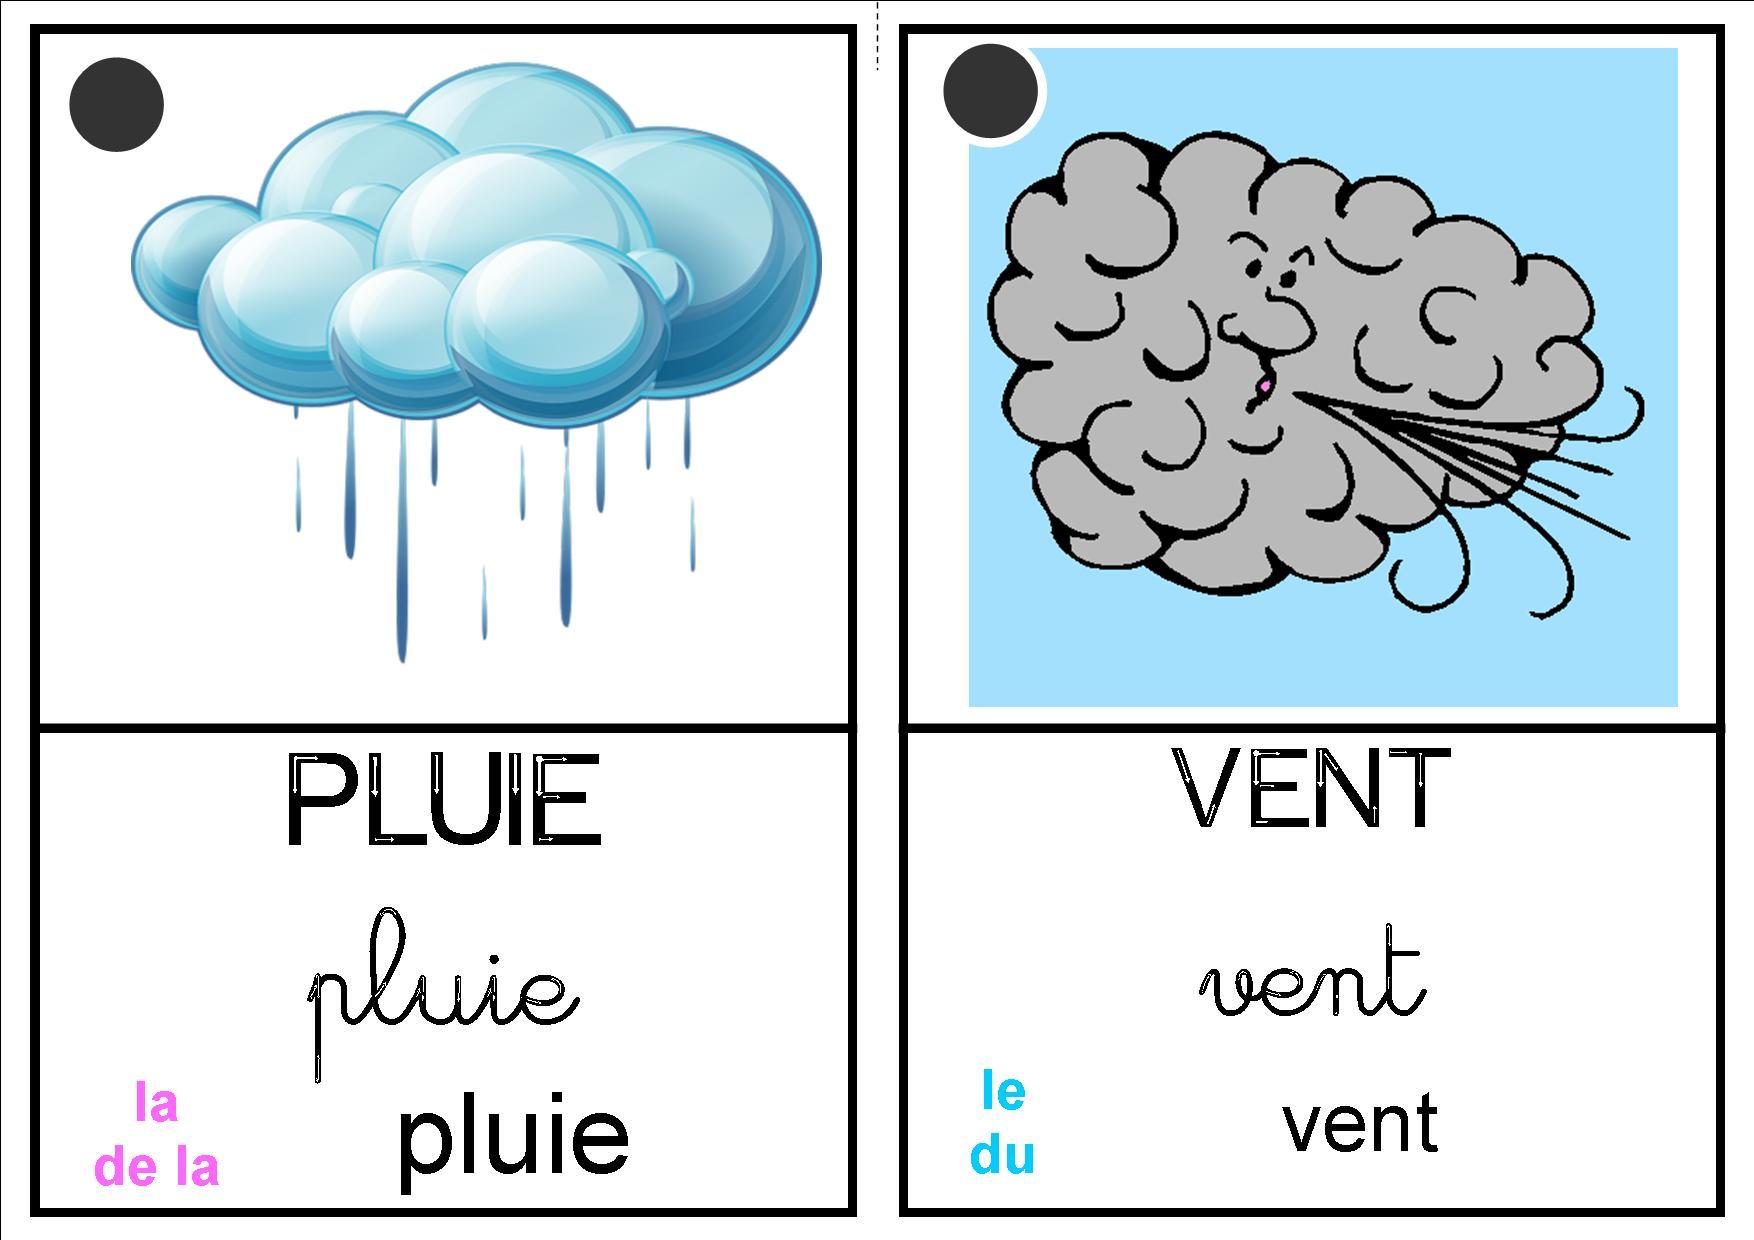 pluie et vent.jpg